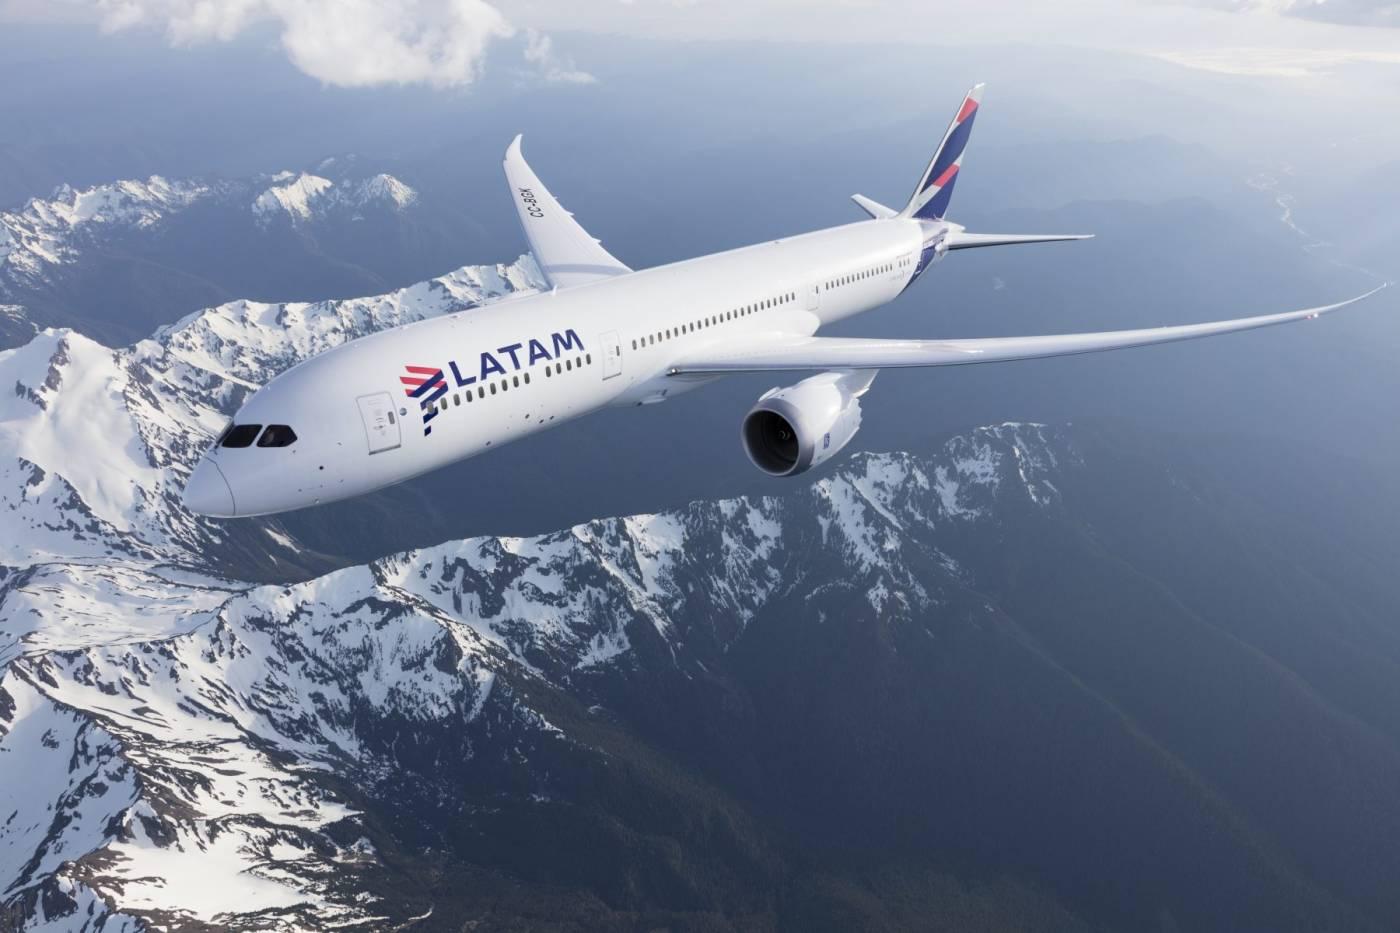 Resultado de imagen para Latam Airlines Boeing 787-8